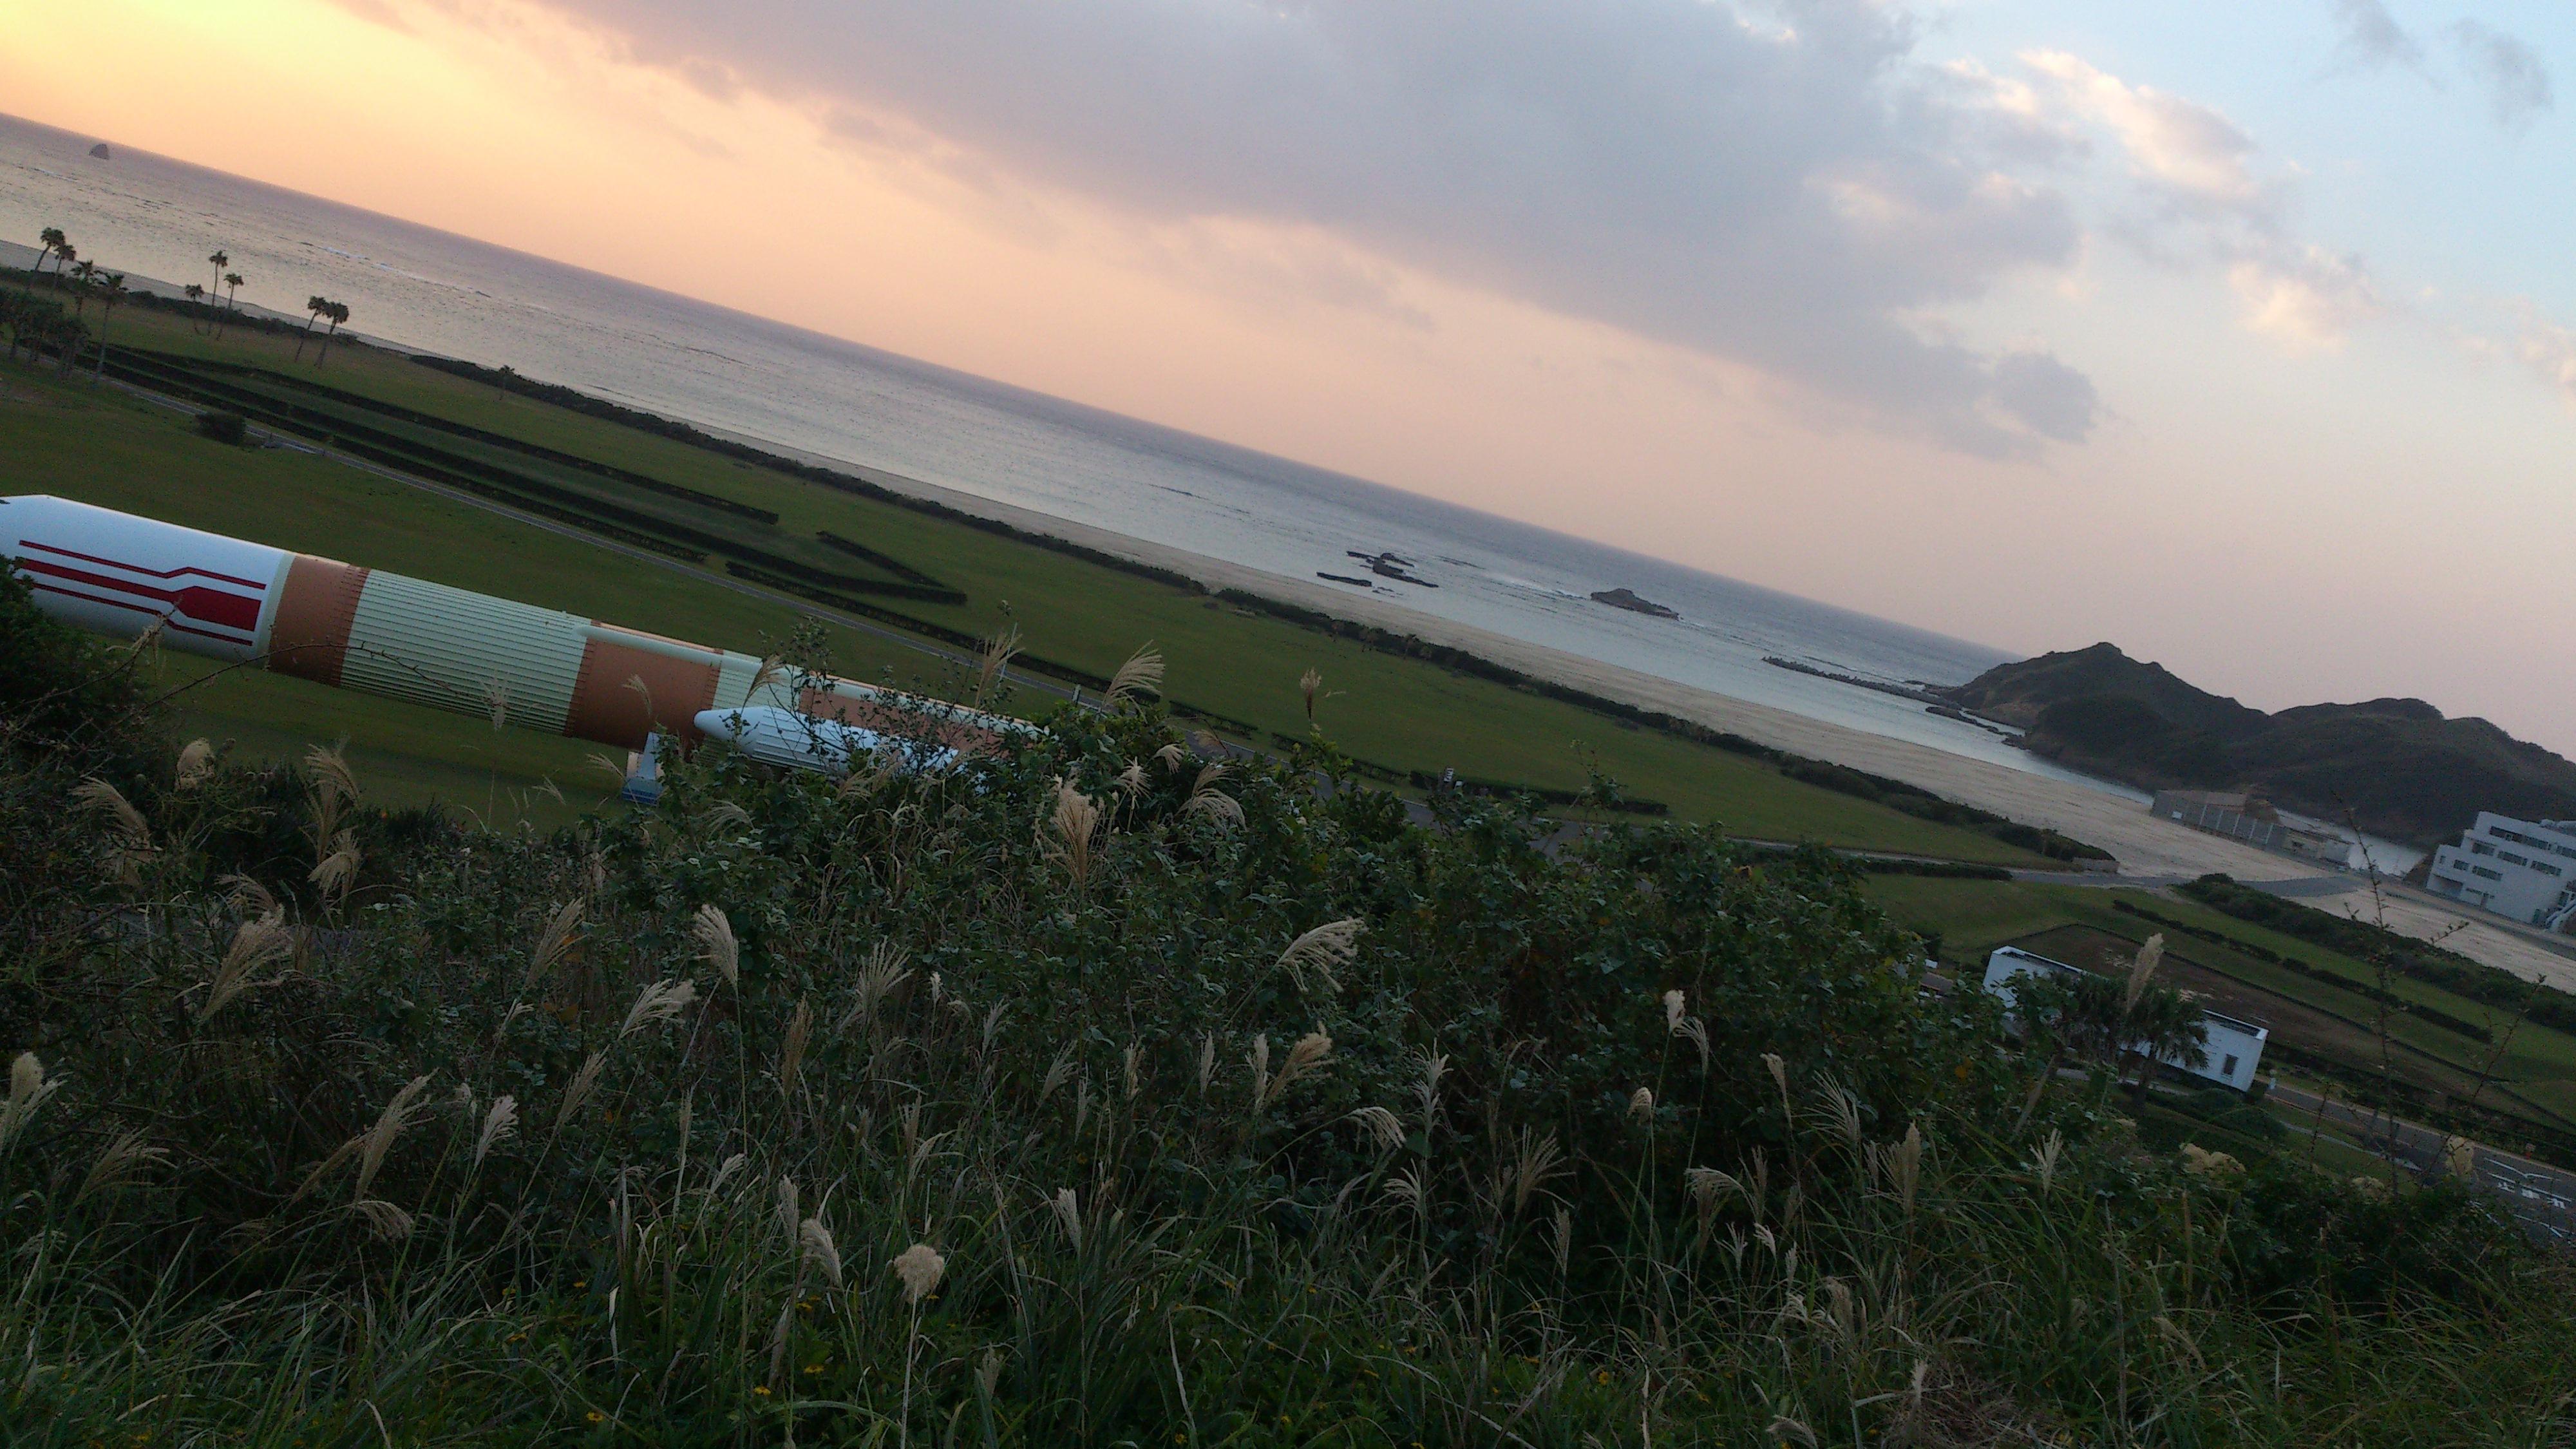 2012年12月。僕は種子島を一人で旅した:ロケットのオブジェクト③